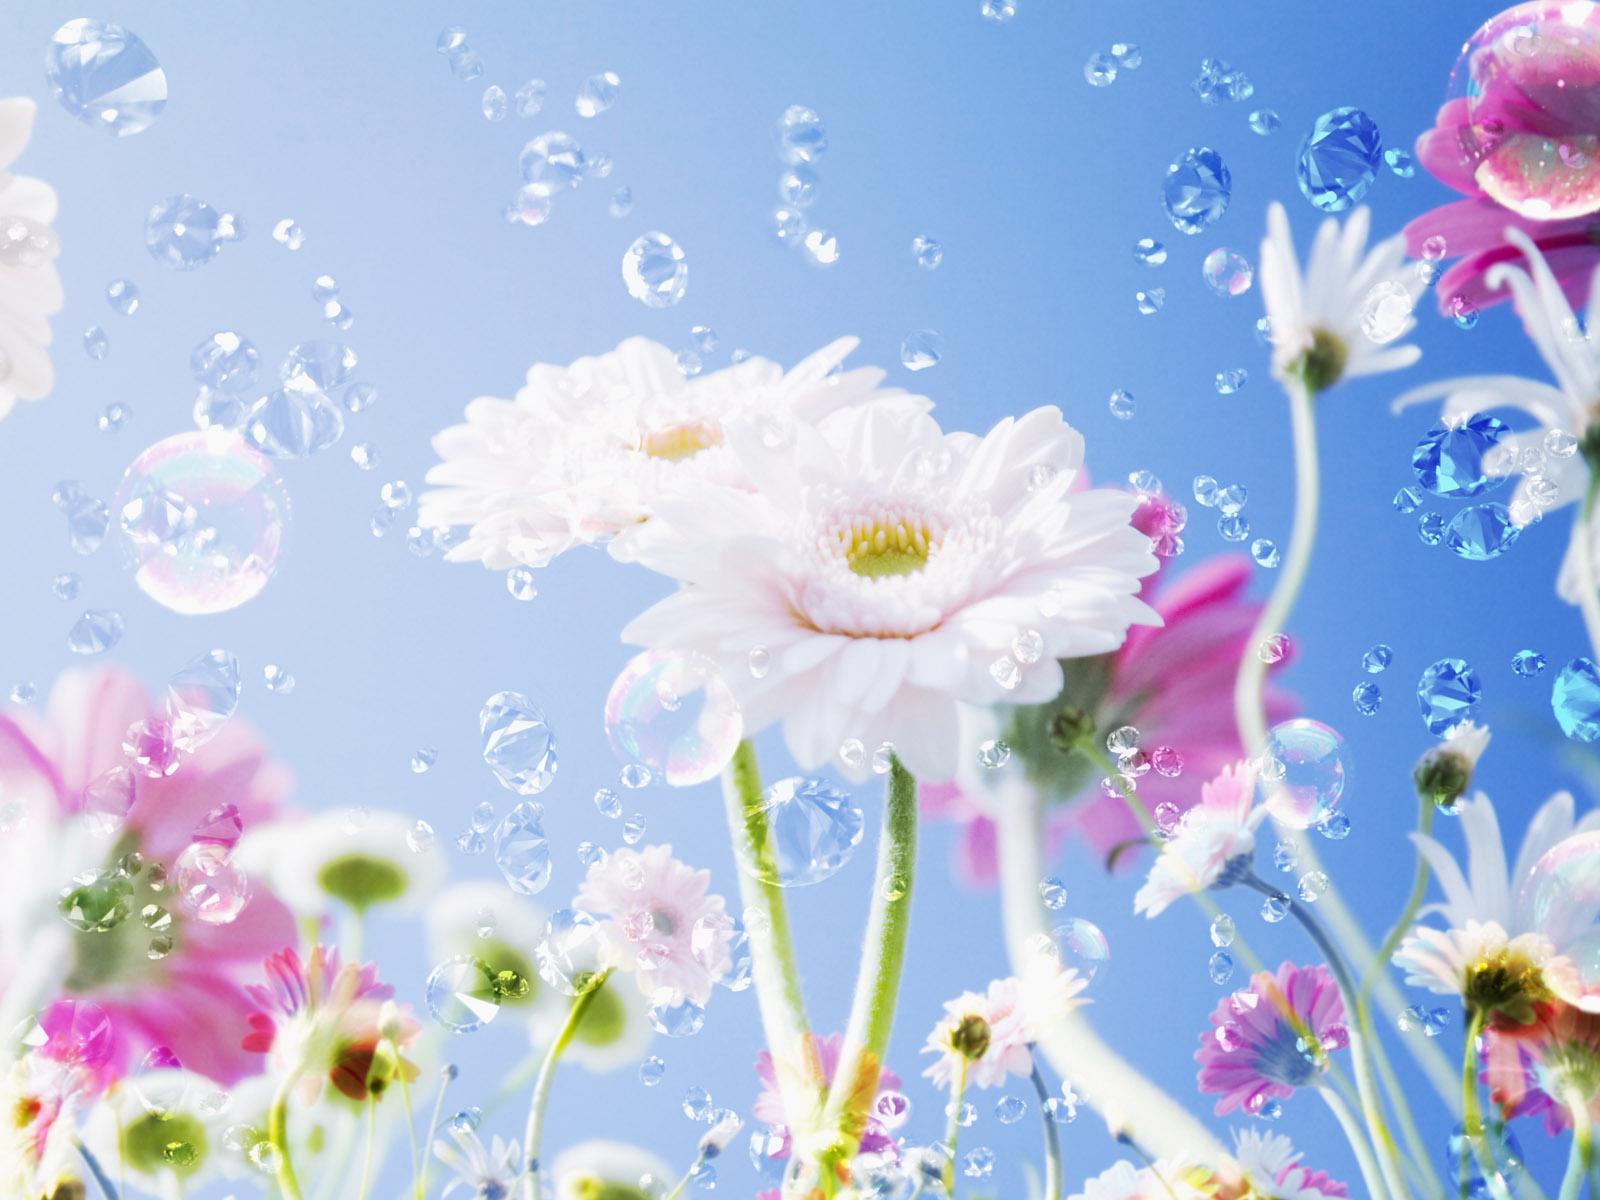 desktop backgrounds wallpapers flowers desktop backgrounds flowers 1600x1200